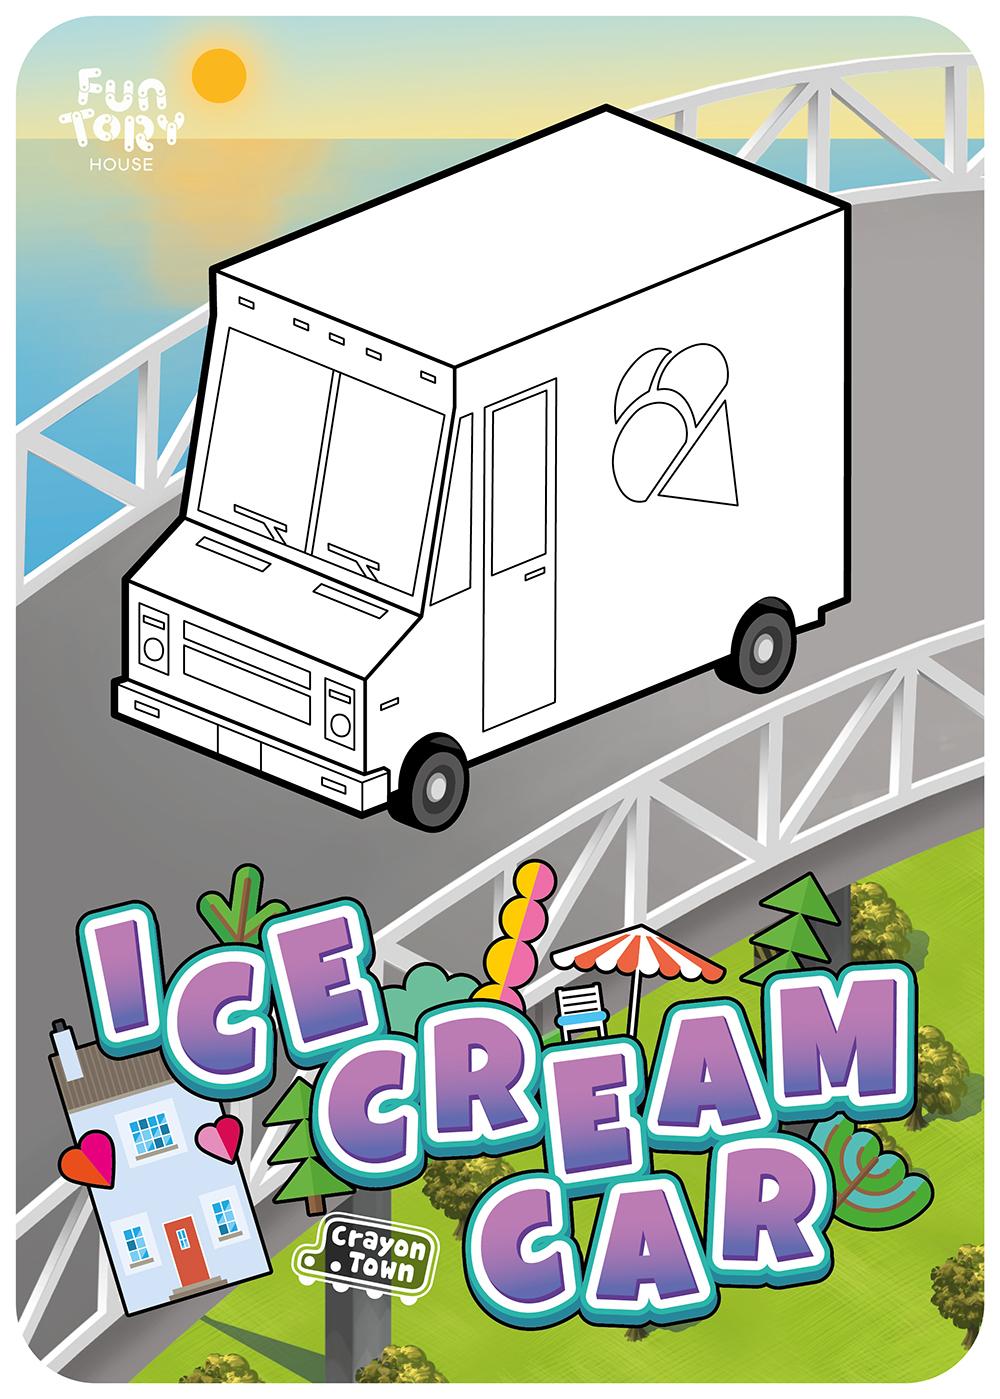 4. 아이스크림 차(Icecream Car)